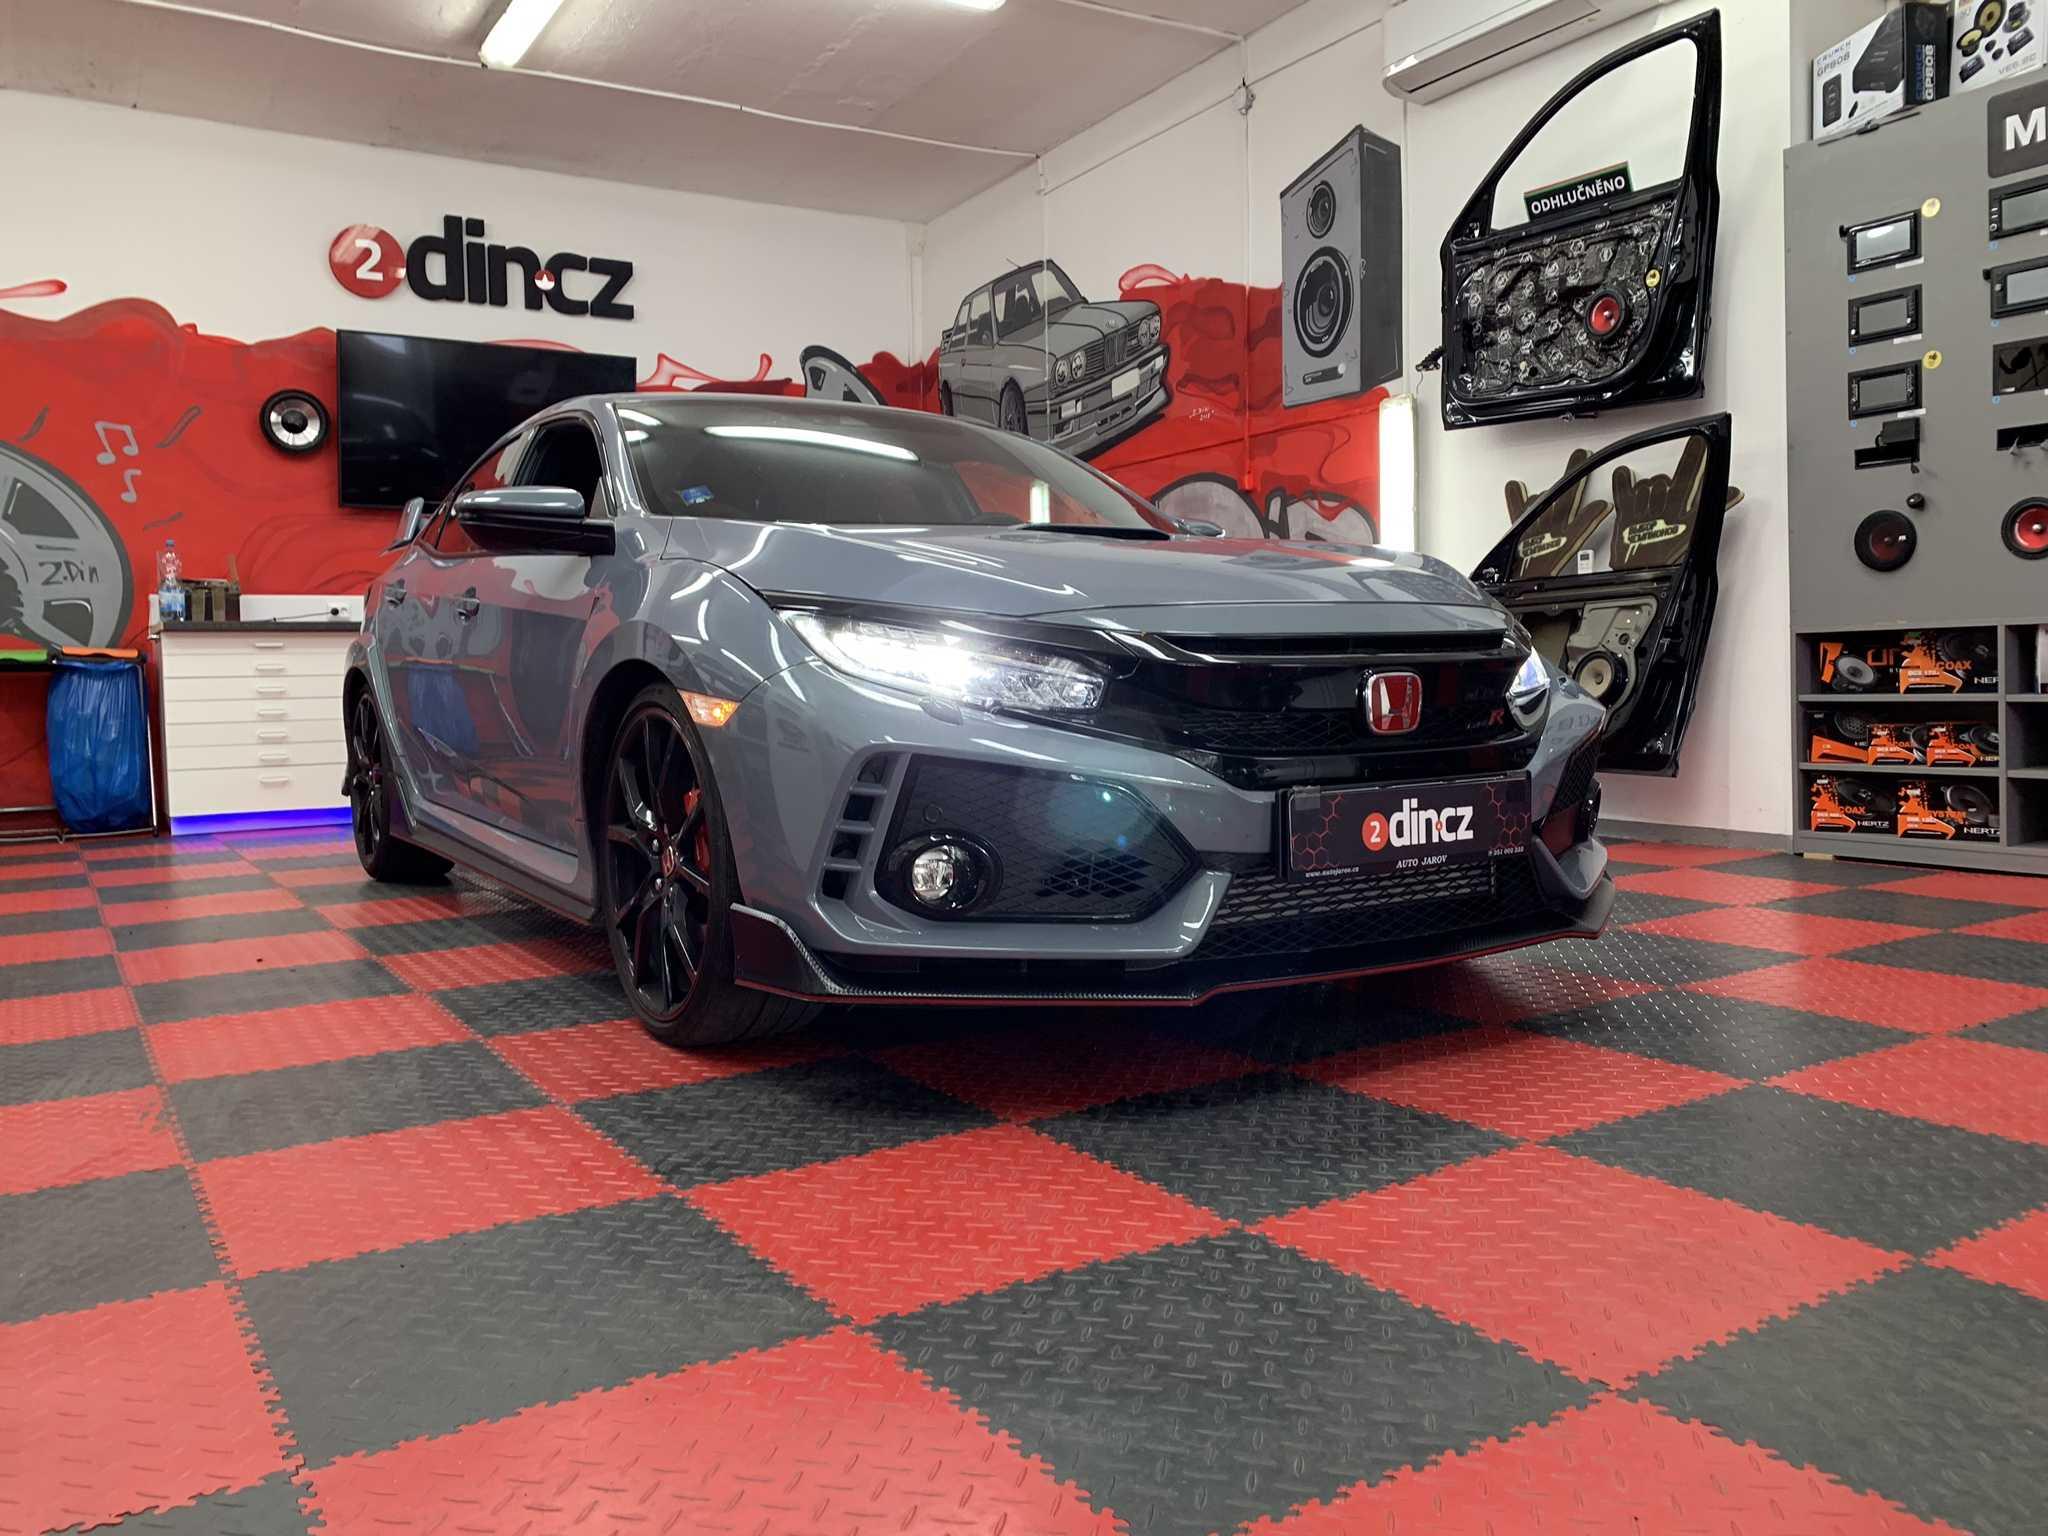 Honda Civic 10G Type R 2019 - Kompletní ozvučení